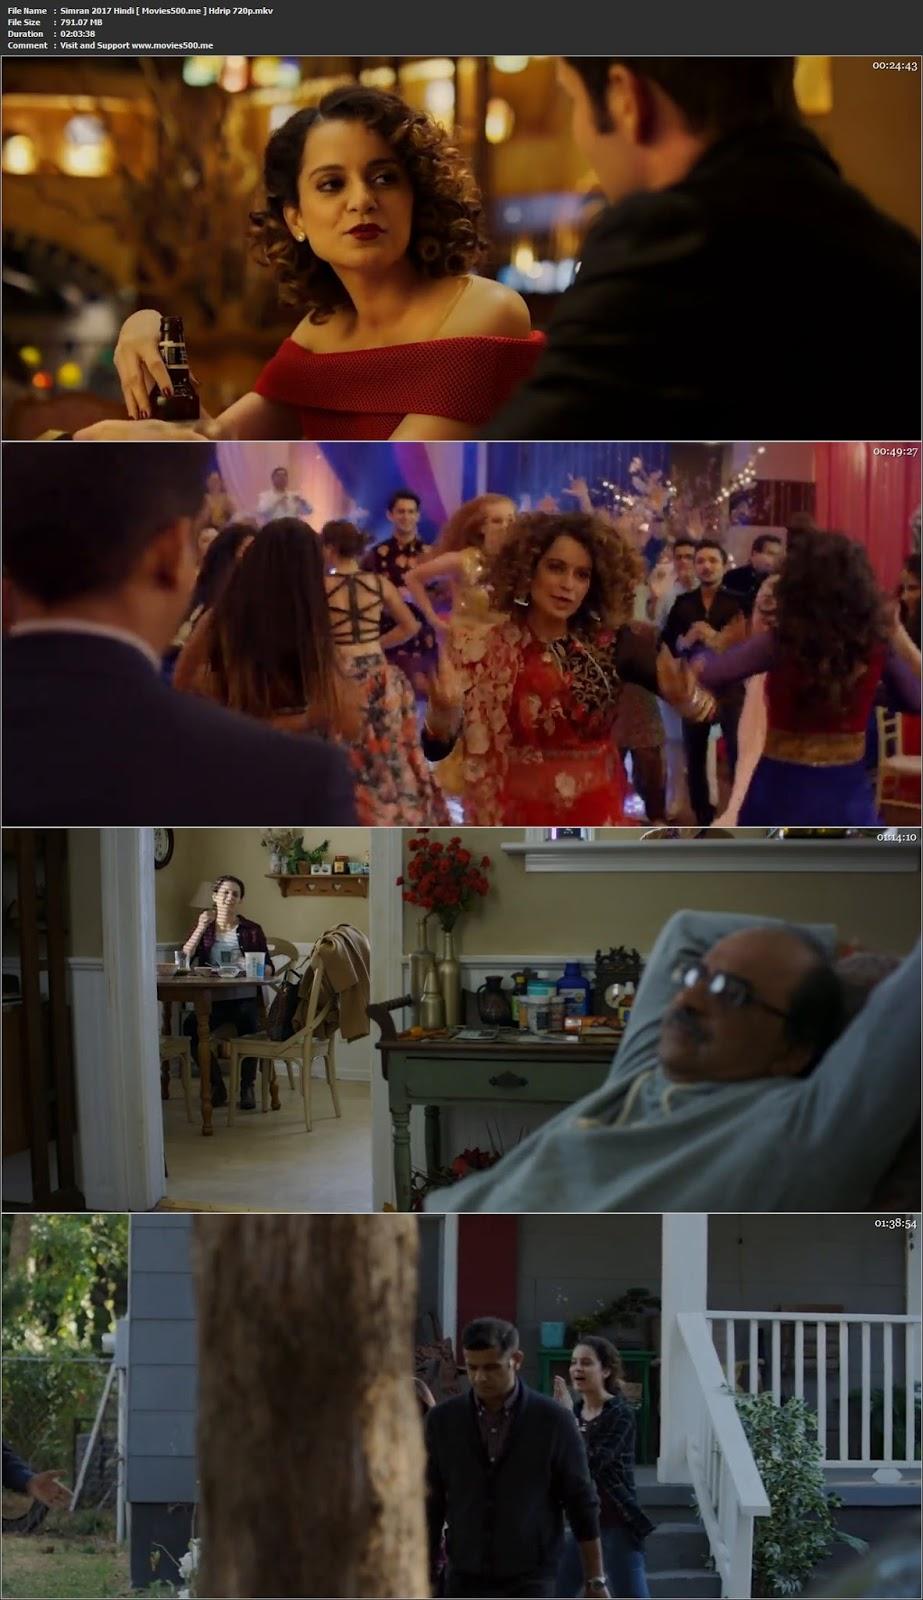 Simran 2017 Bollywood Full Movie 300MB HDRip 480p at tokenguy.com